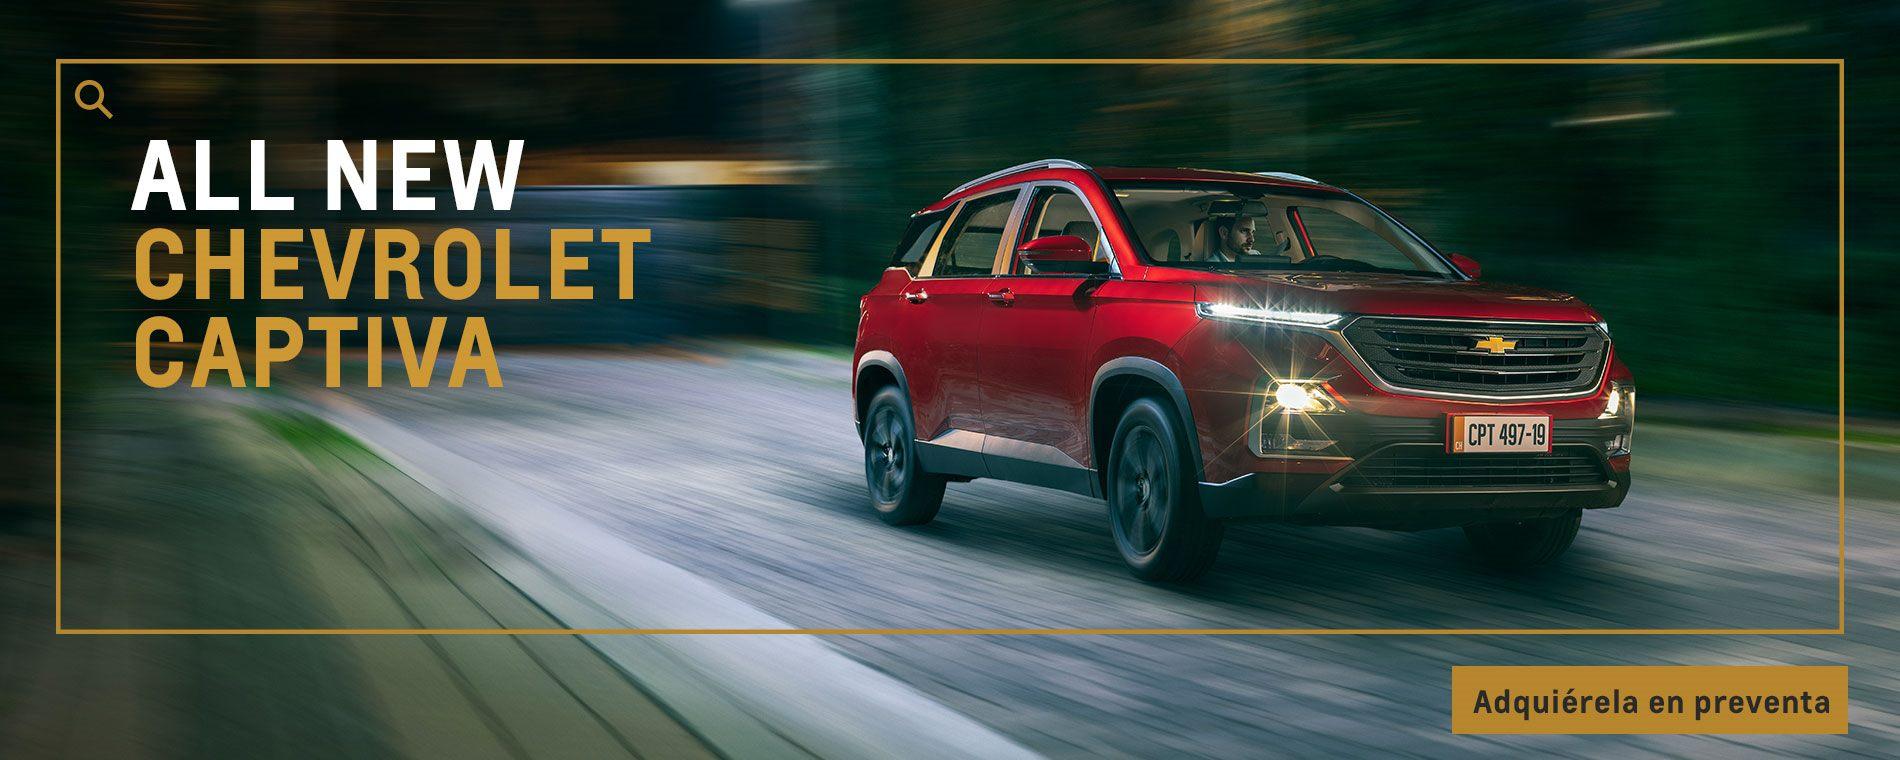 Chevrolet Autolarte - camioneta premium - Captiva Turbo